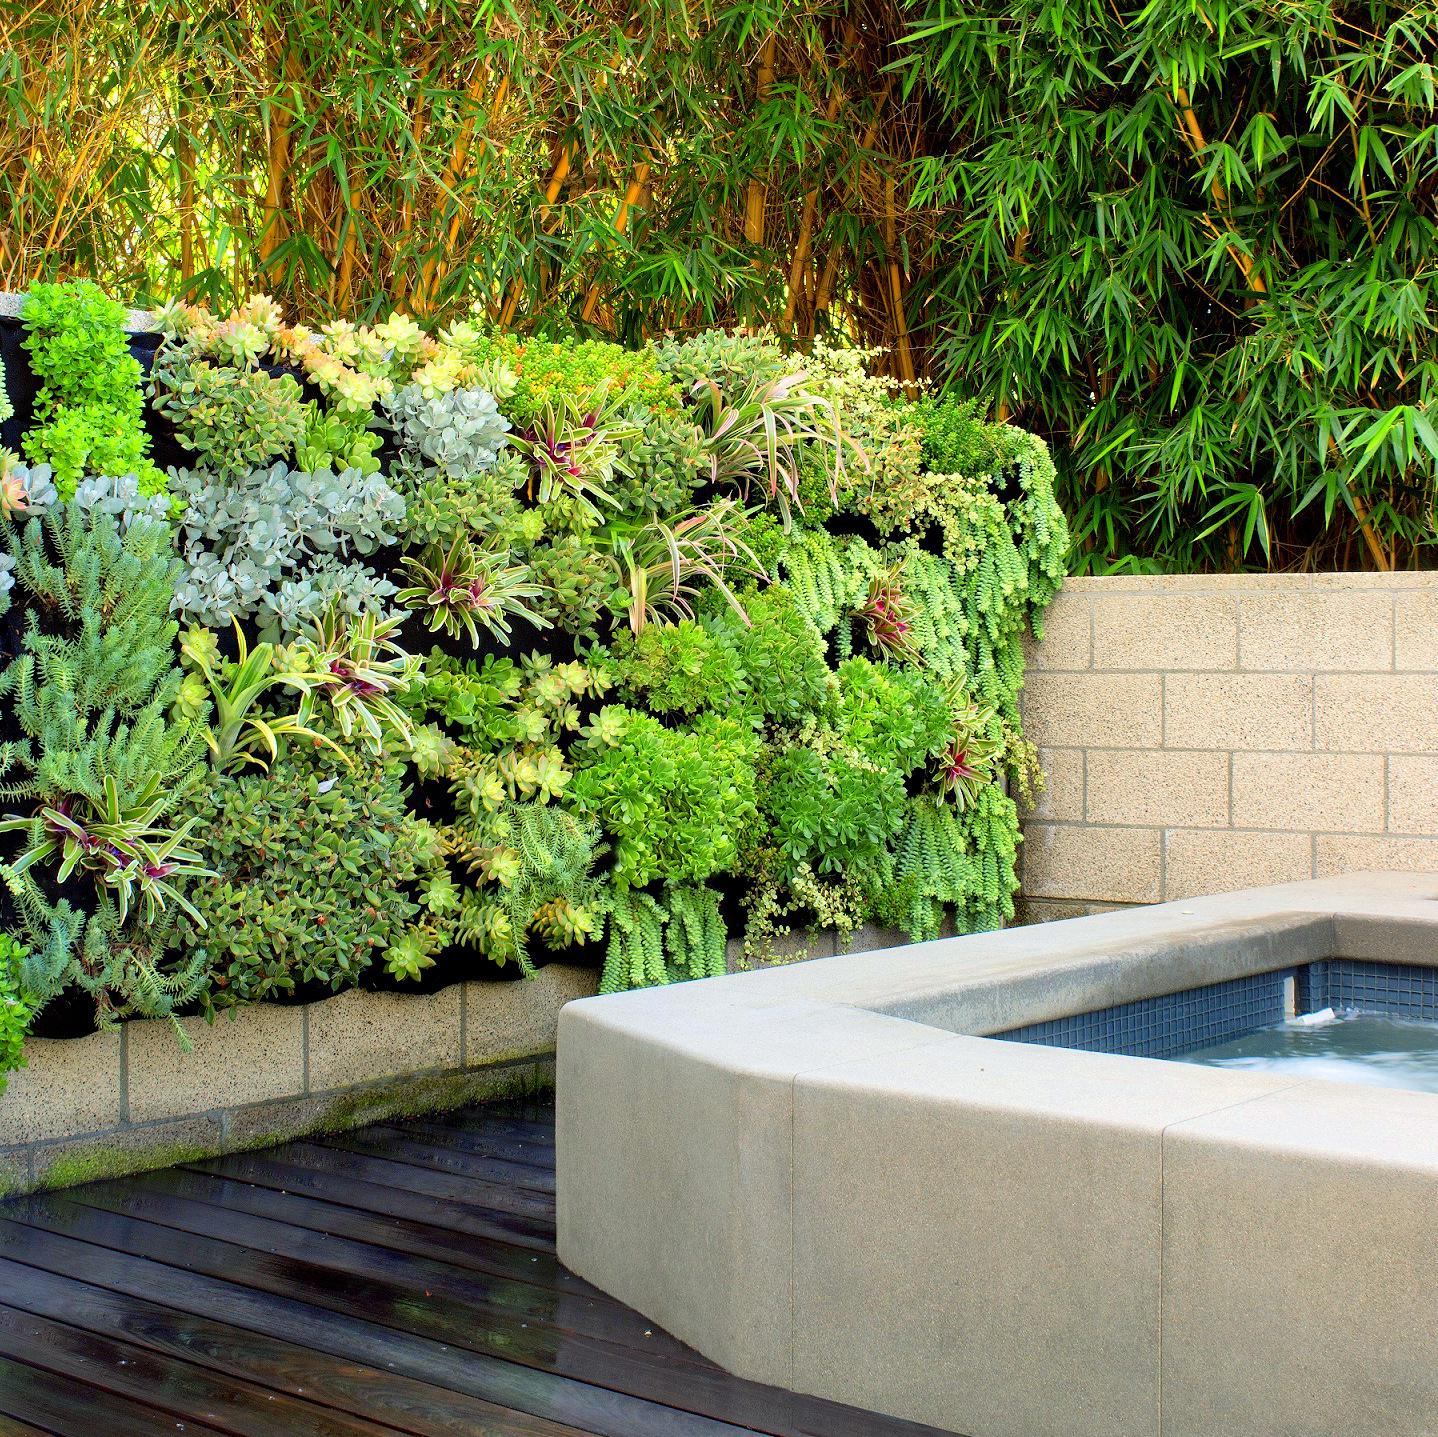 Succulent Spa Vertical Garden — Florafelt Living Wall Systems